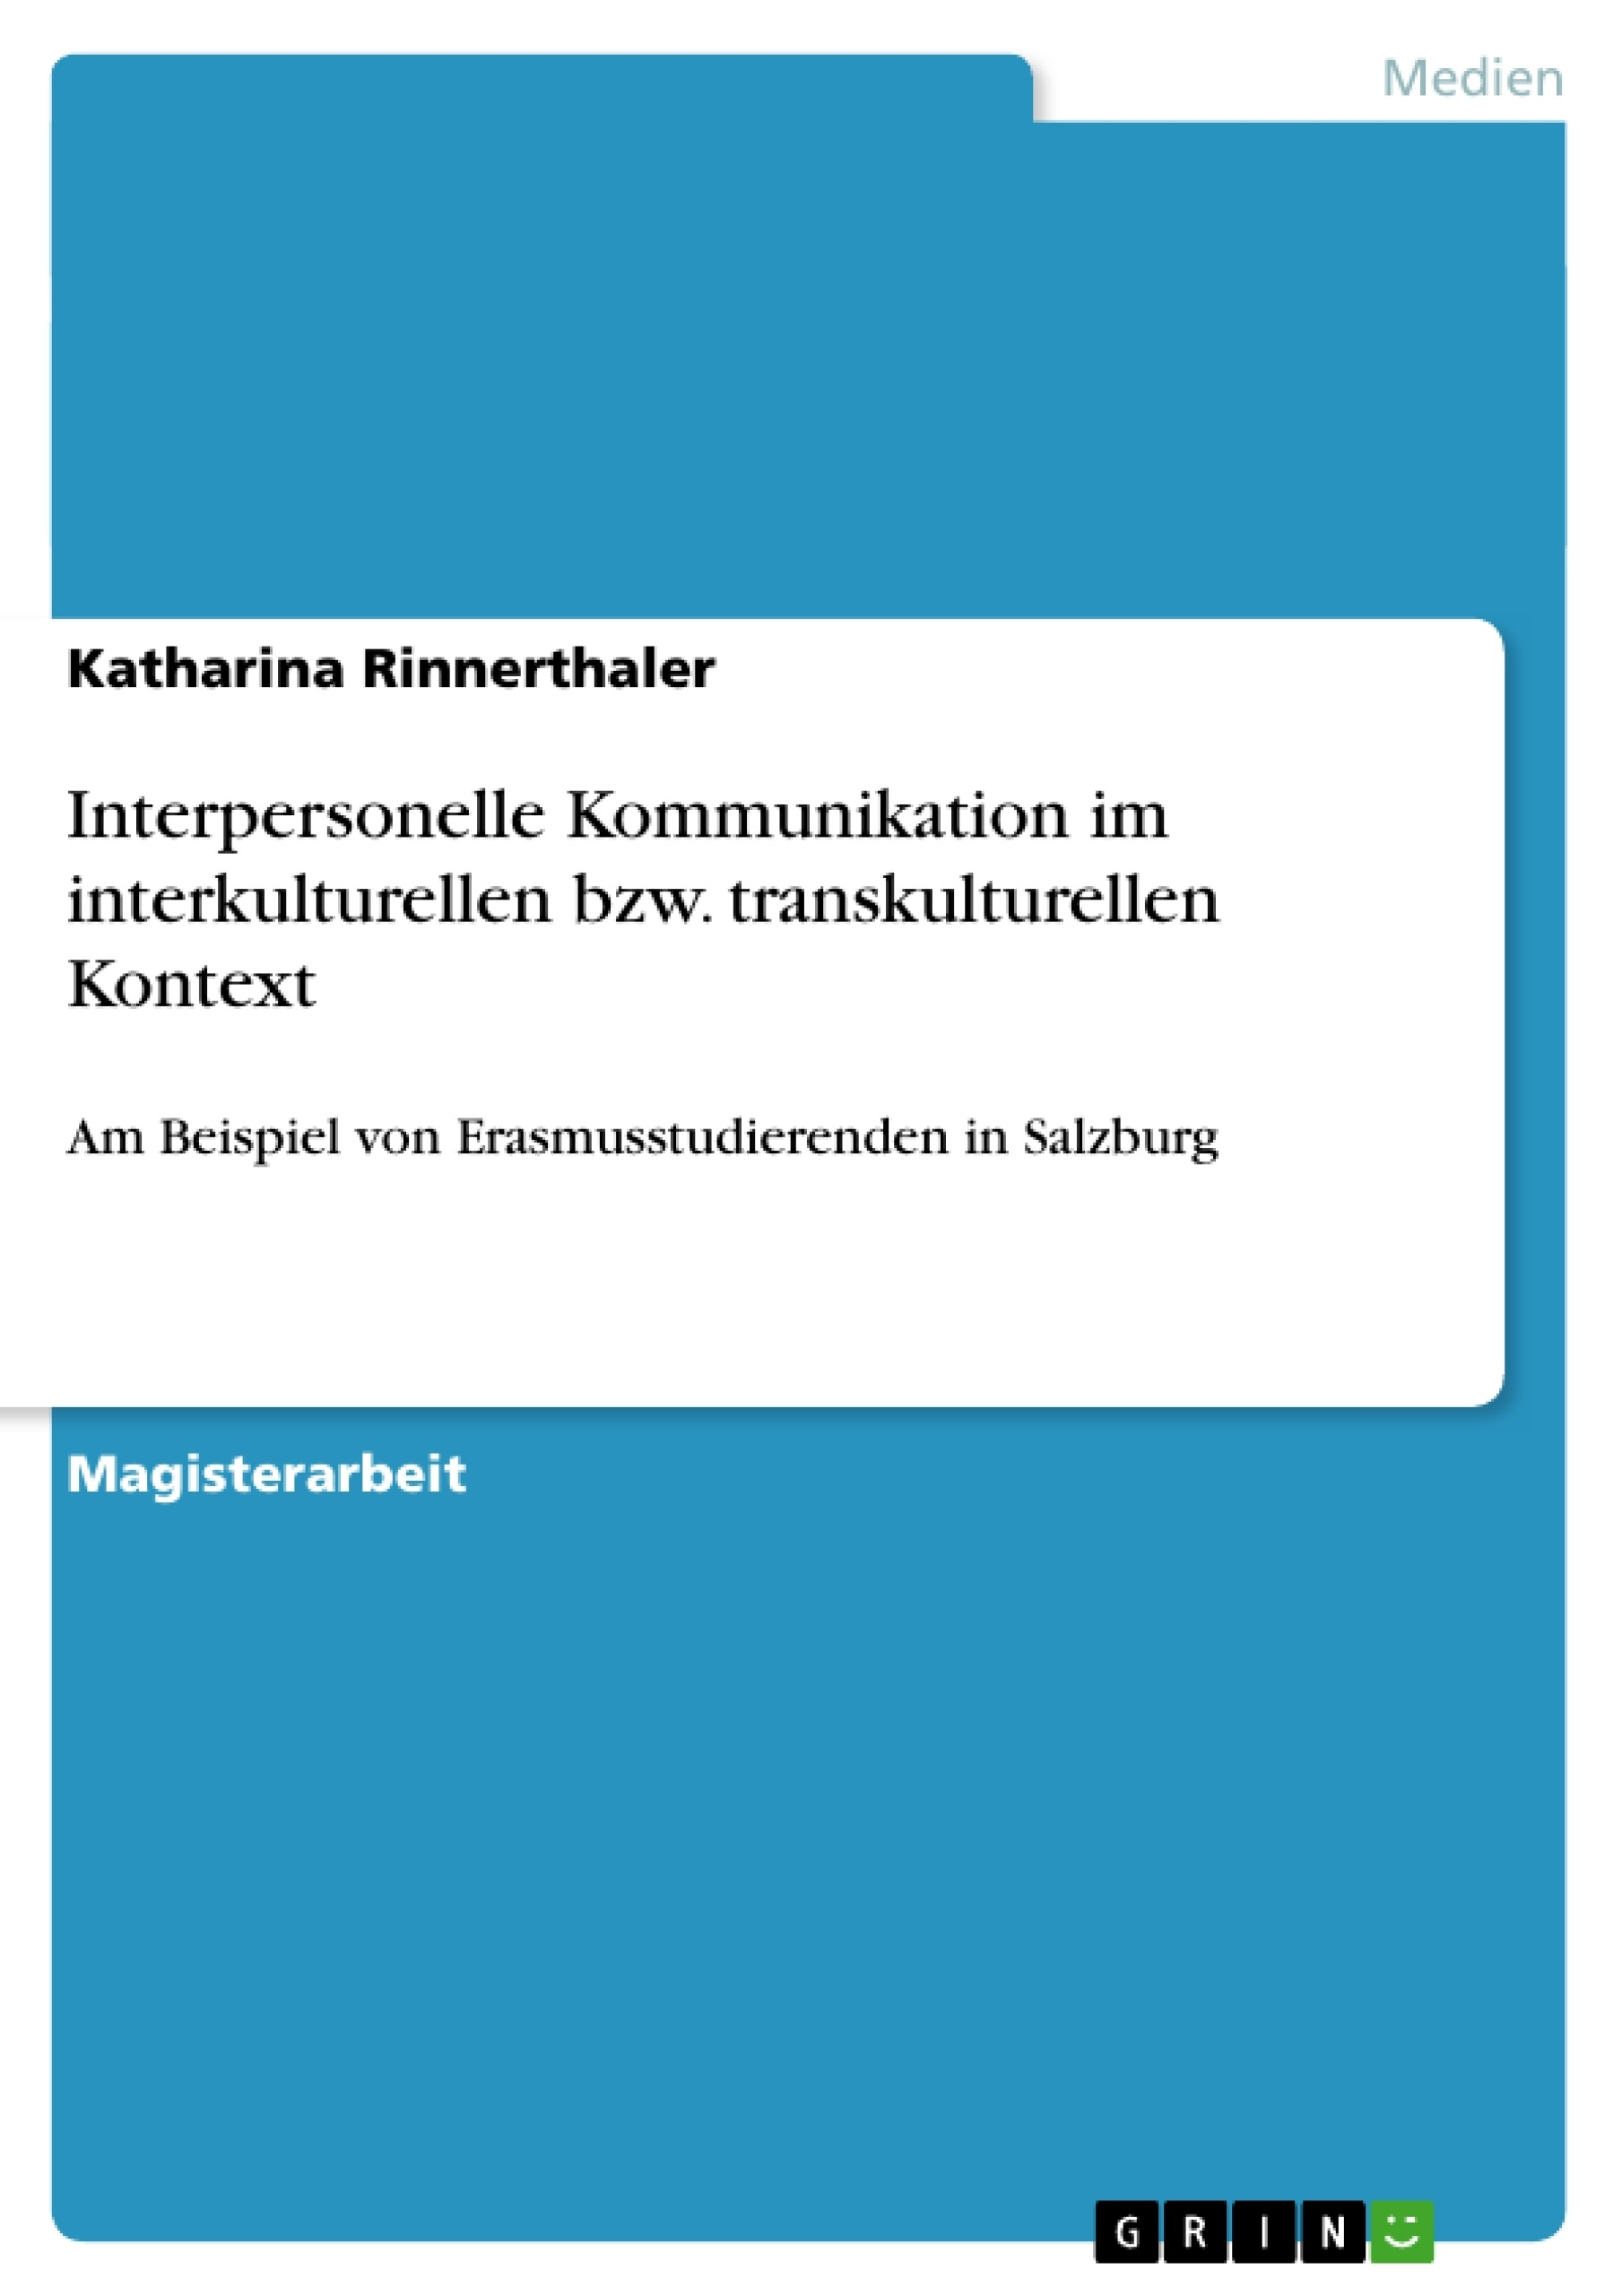 Titel: Interpersonelle Kommunikation im interkulturellen bzw. transkulturellen Kontext